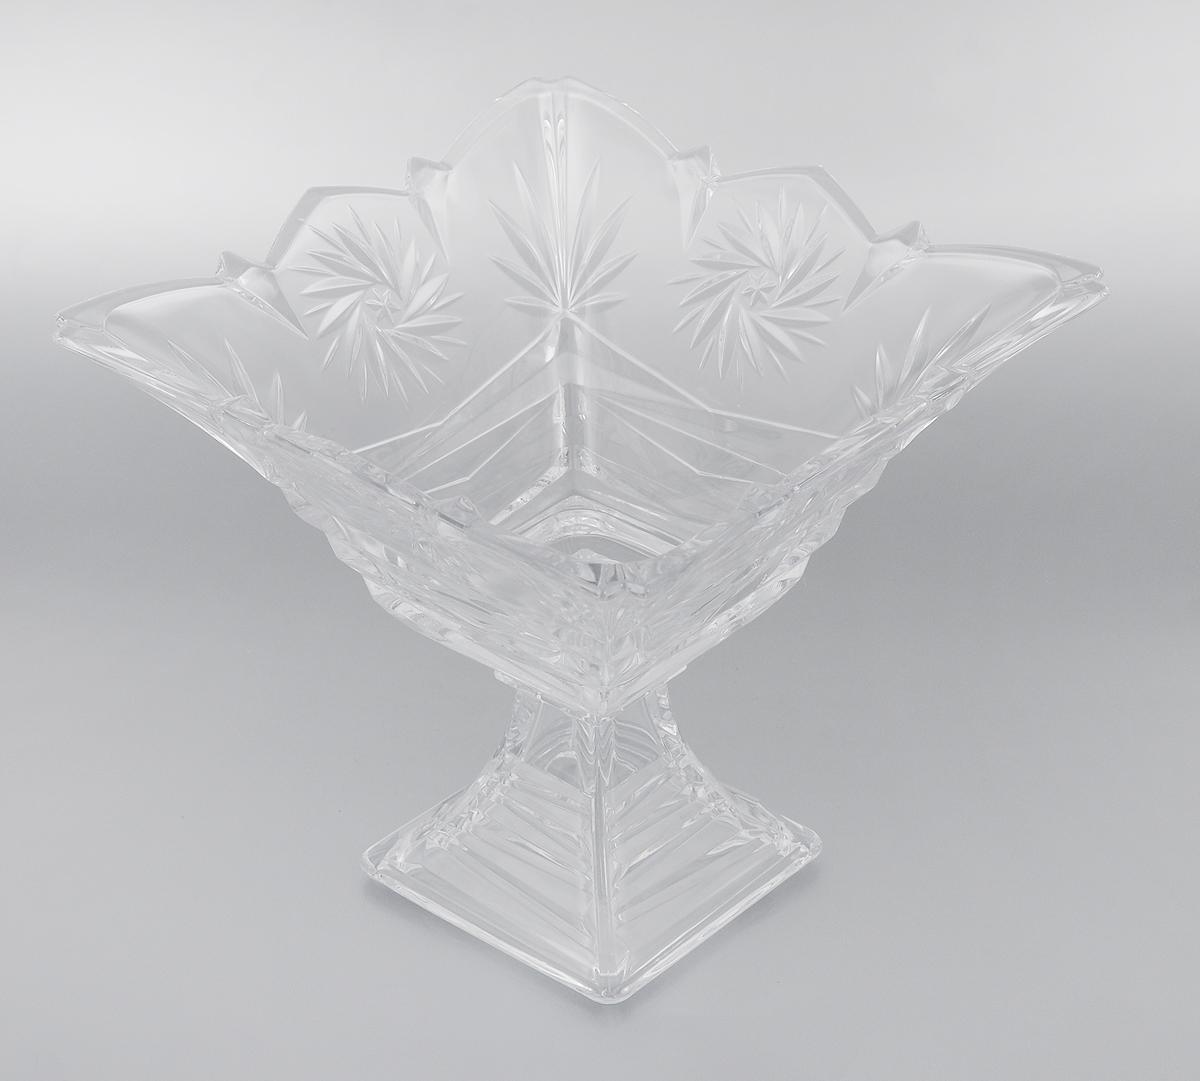 Конфетница на ножке Soga Picasso, 24 х 24 см54 009312Элегантная конфетница Soga Picasso на ножке, изготовленная из прочного стекла, имеет многогранную рельефную поверхность. Конфетница предназначена для красивой сервировки сладостей. Изделие придется по вкусу и ценителям классики, и тем, кто предпочитает утонченность и изящность. Конфетница Soga Picasso украсит сервировку вашего стола и подчеркнет прекрасный вкус хозяина, а также станет отличным подарком.Можно мыть в посудомоечной машине.Размер по верхнему краю: 24 х 24 см.Высота: 21,5 см.